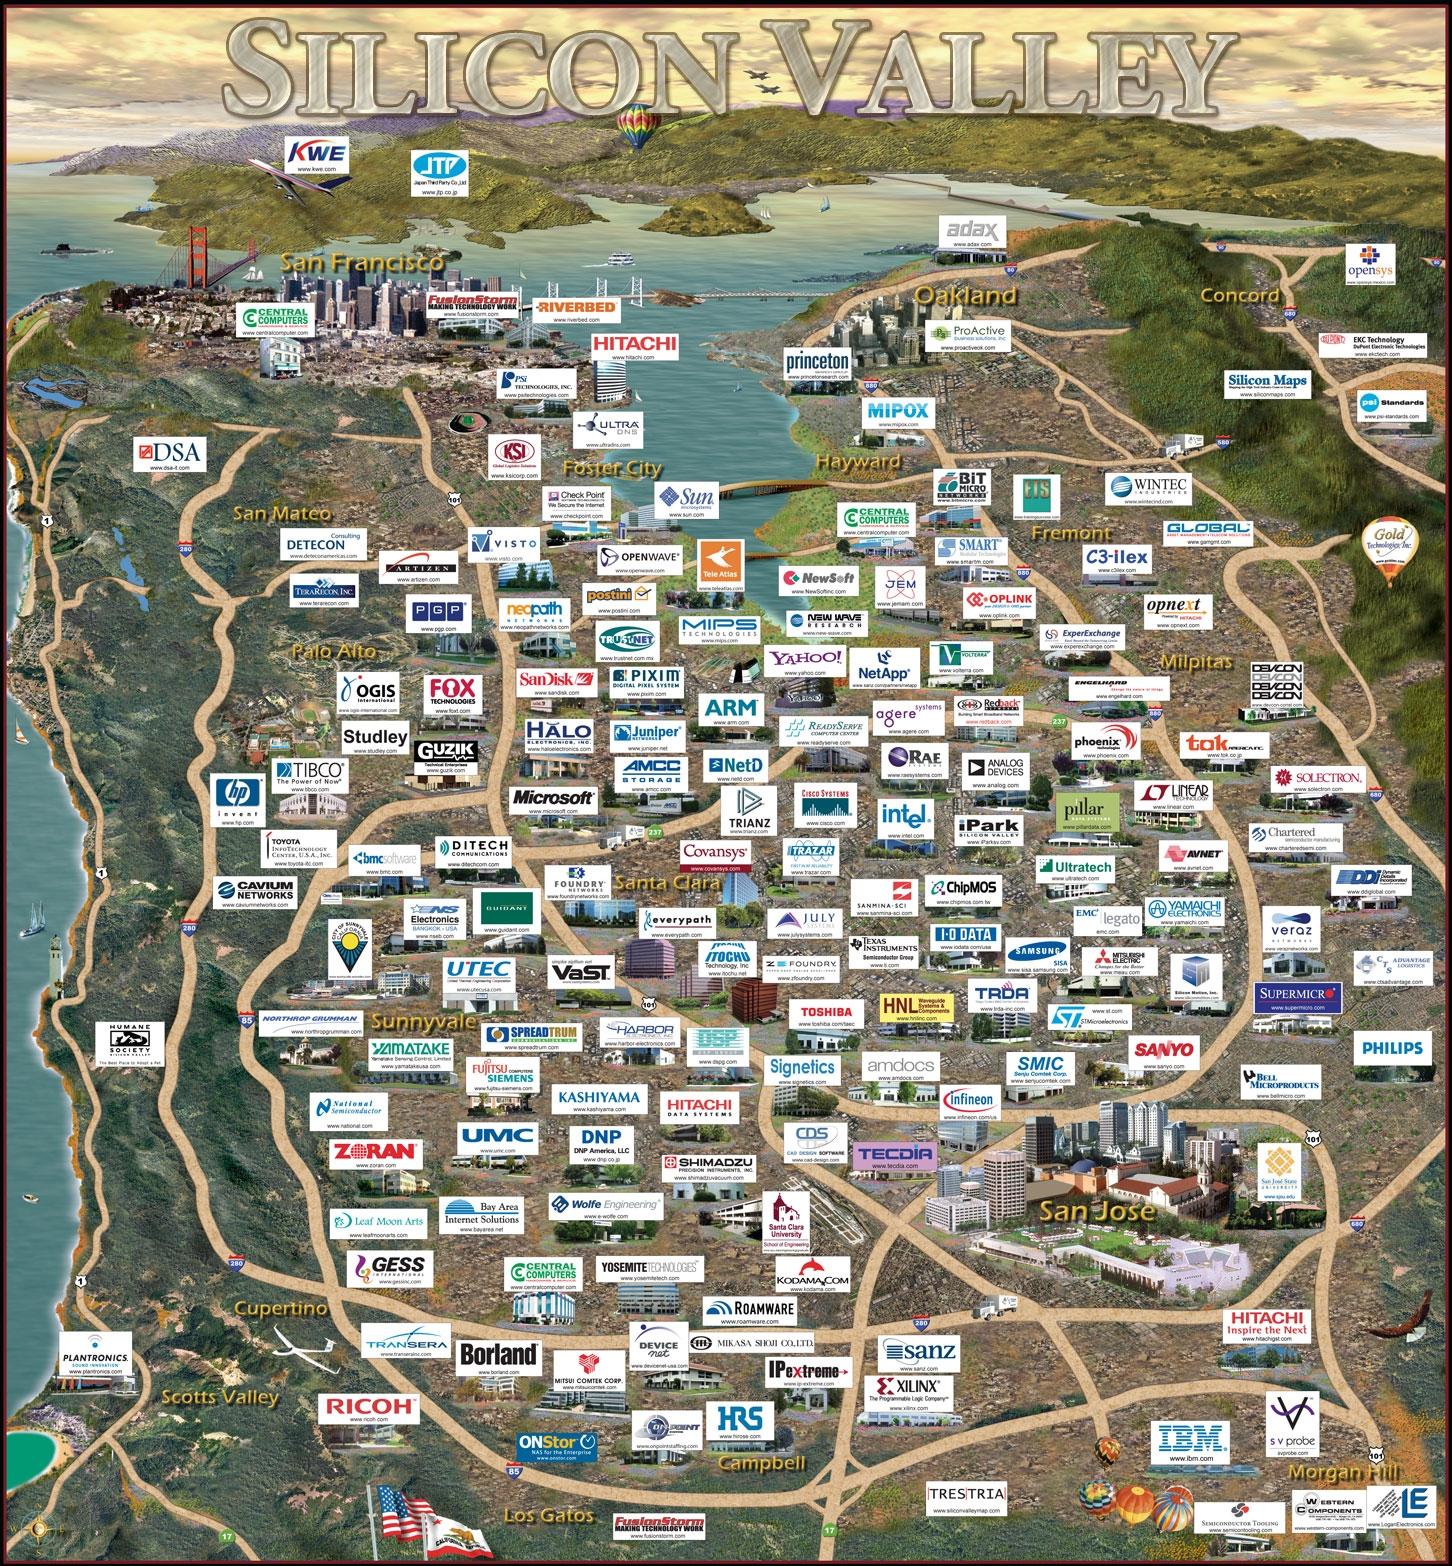 silicon valley: la mappa di tutte le start up presenti